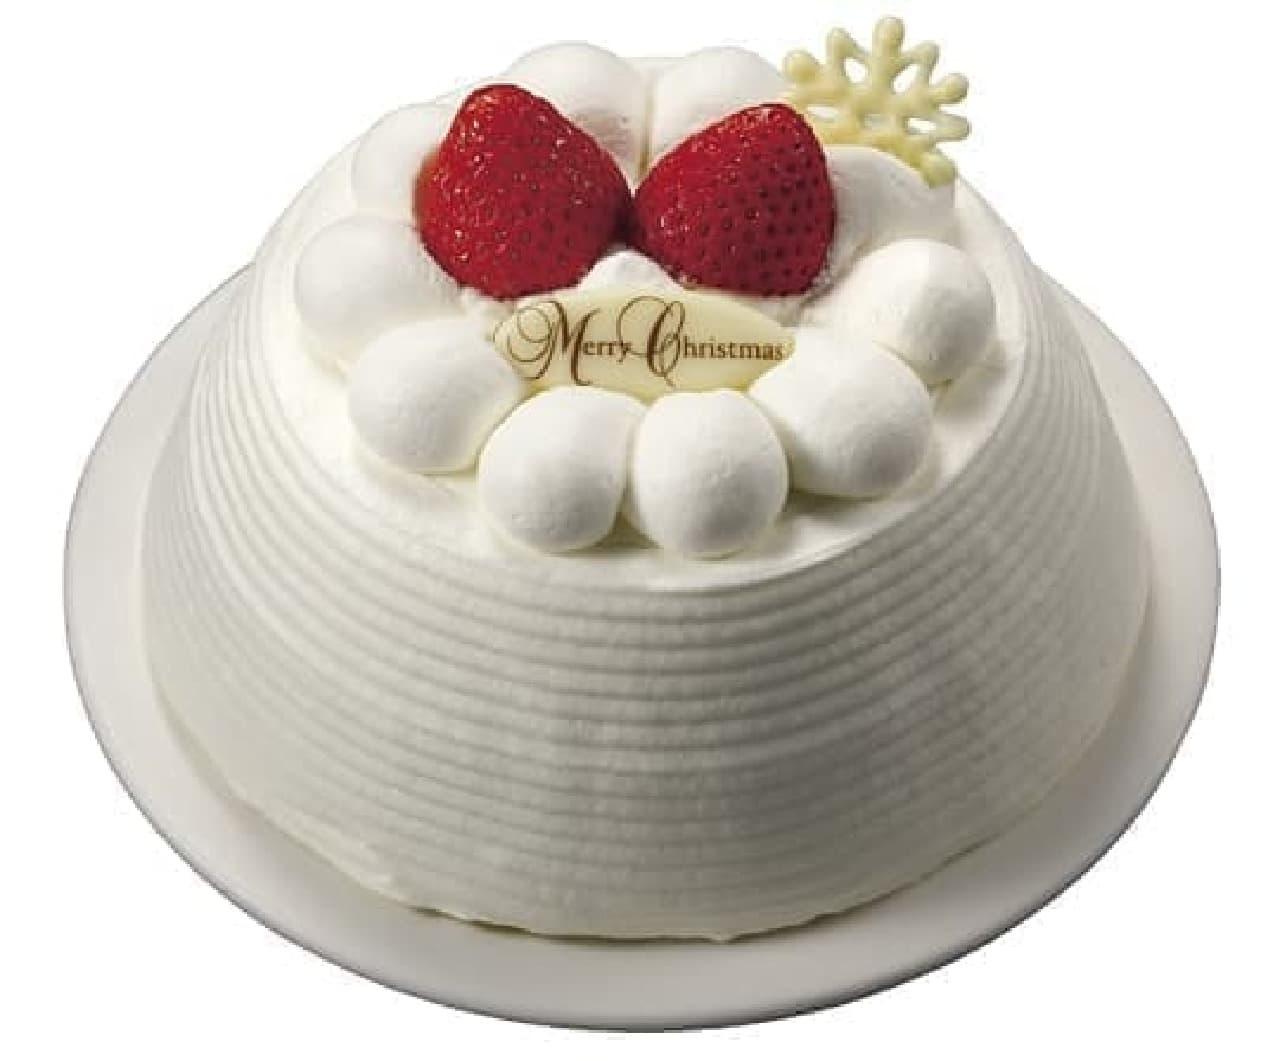 セブン-イレブン、King & Princeがプロデュースした「苺のかまくらショートケーキ(5号相当)」